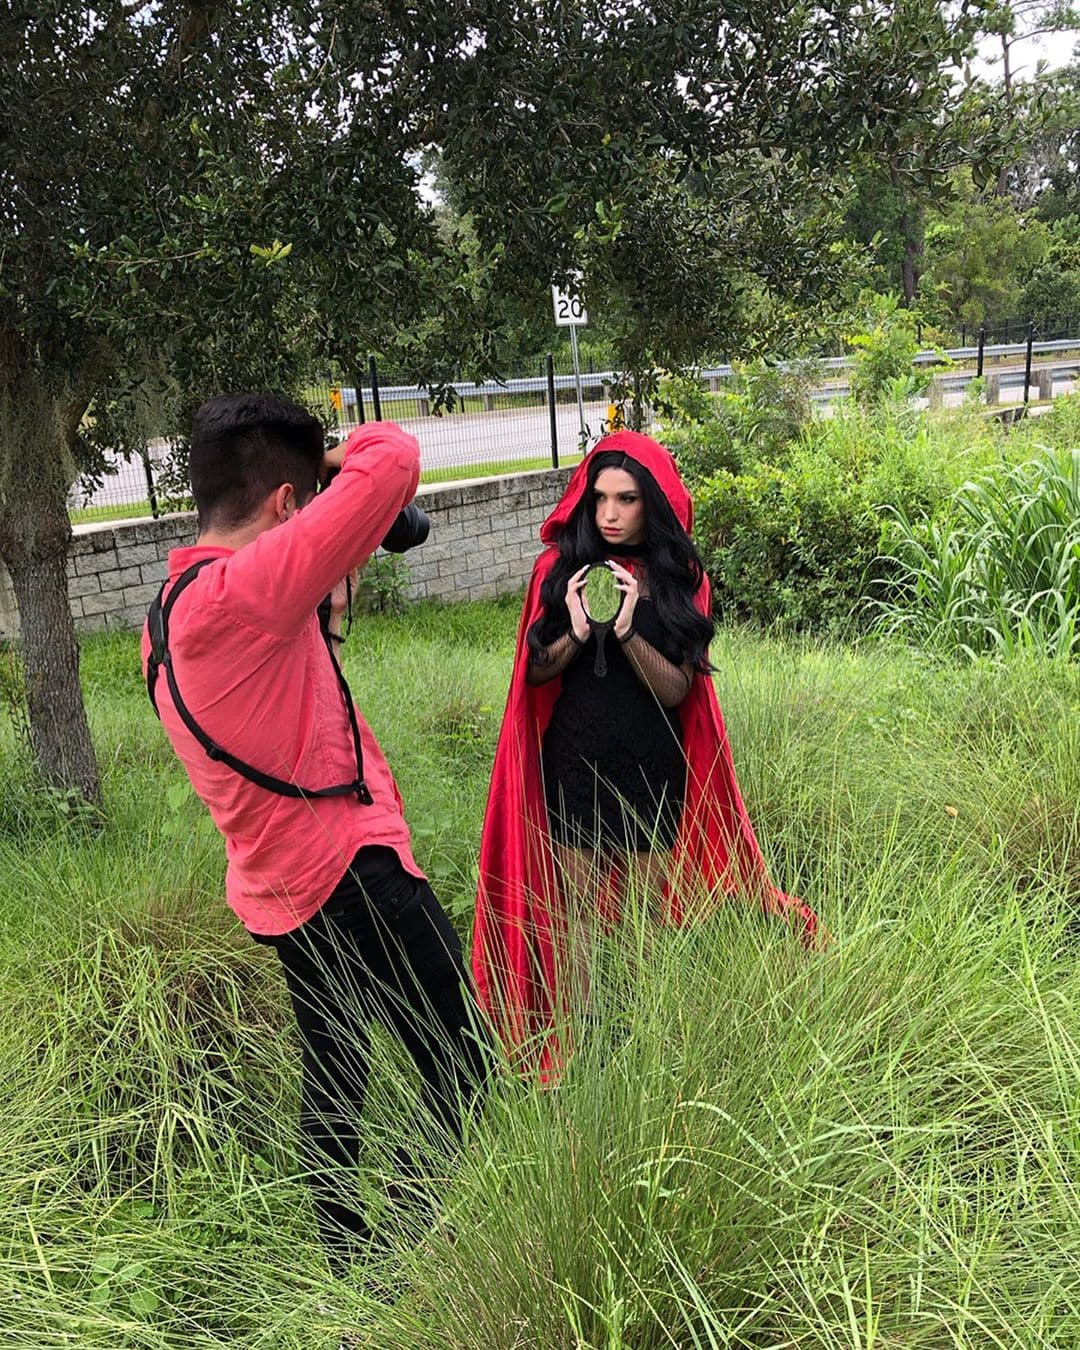 1569499529 98f13708210194c475687be6106a3b84 - Фотограф из Флориды показал, как выглядит со стороны процесс съёмки идеальных инстаграмных снимков